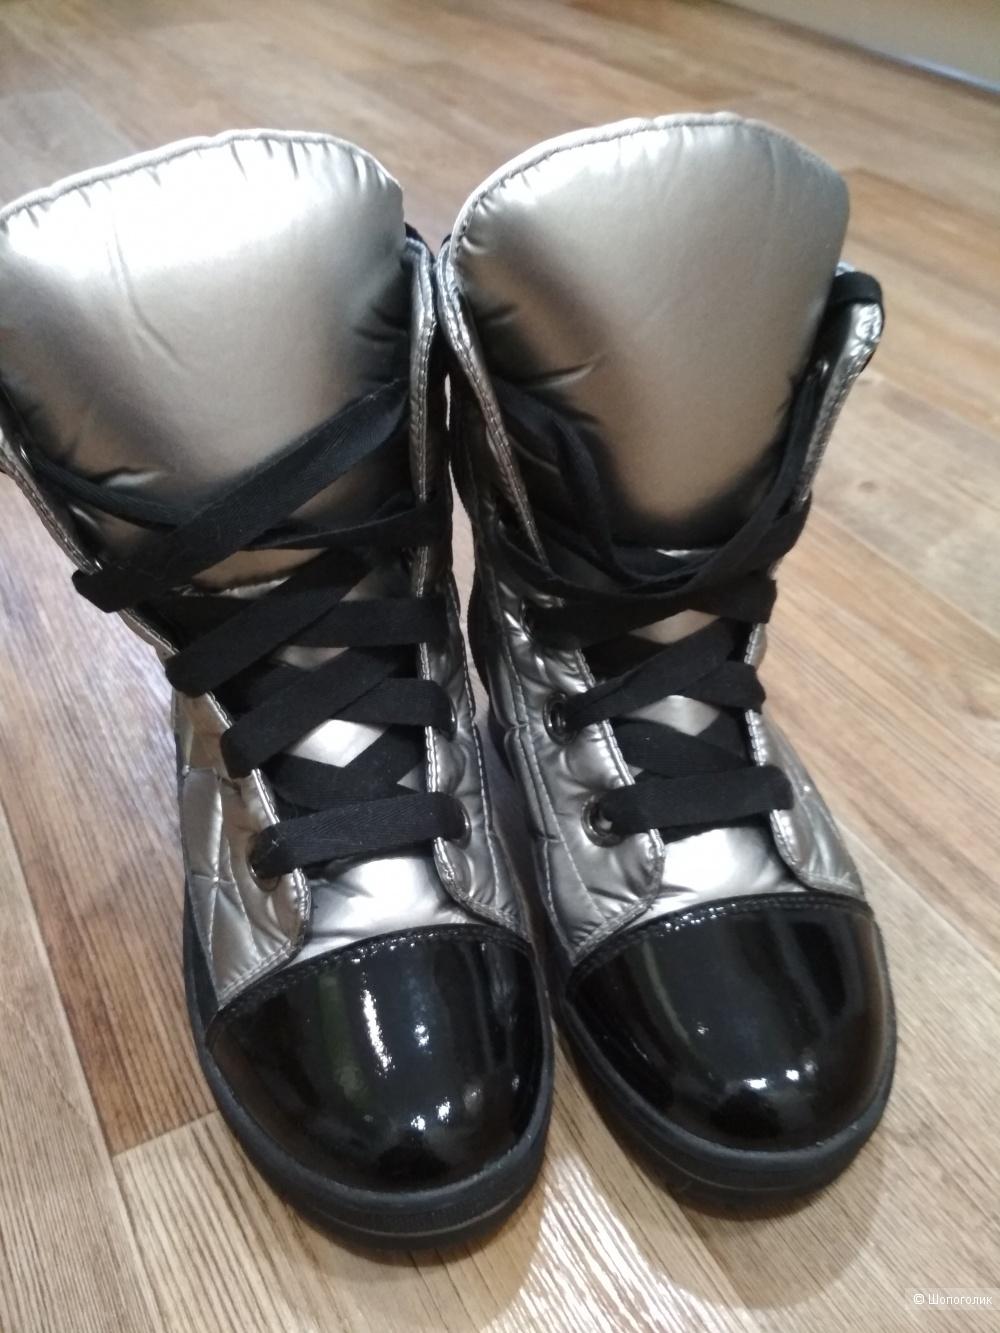 Ботинки jog dog размер 34